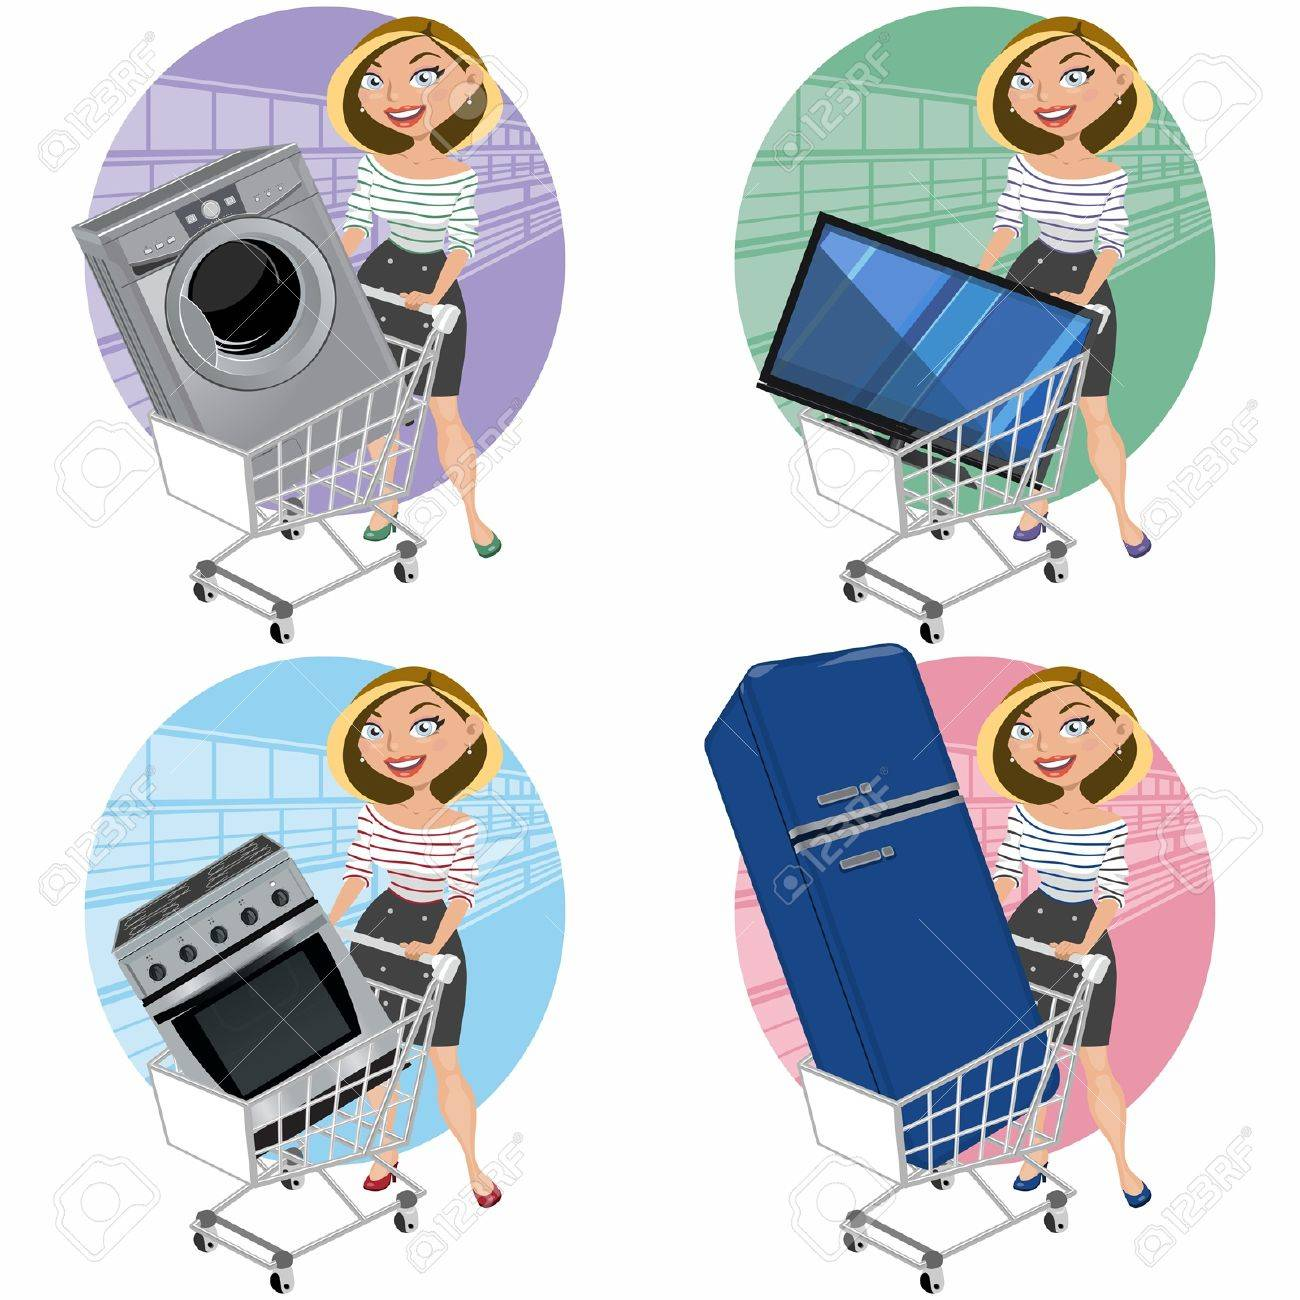 Las mujeres con aparatos en la cesta de la compra Foto de archivo - 18247671